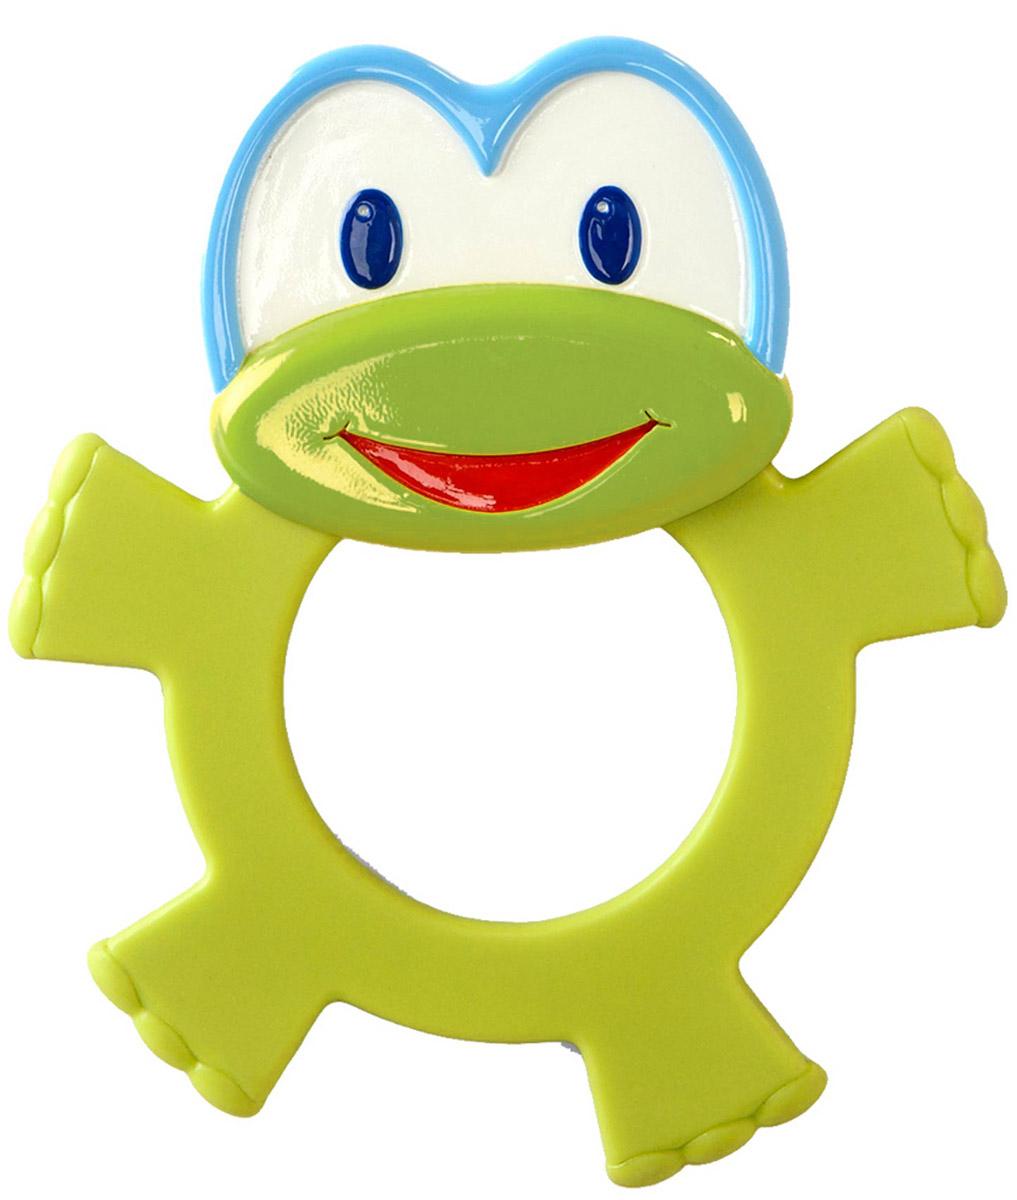 цена на Прорезыватель Bright Starts Развивающая игрушка Лягушонок 10220-2